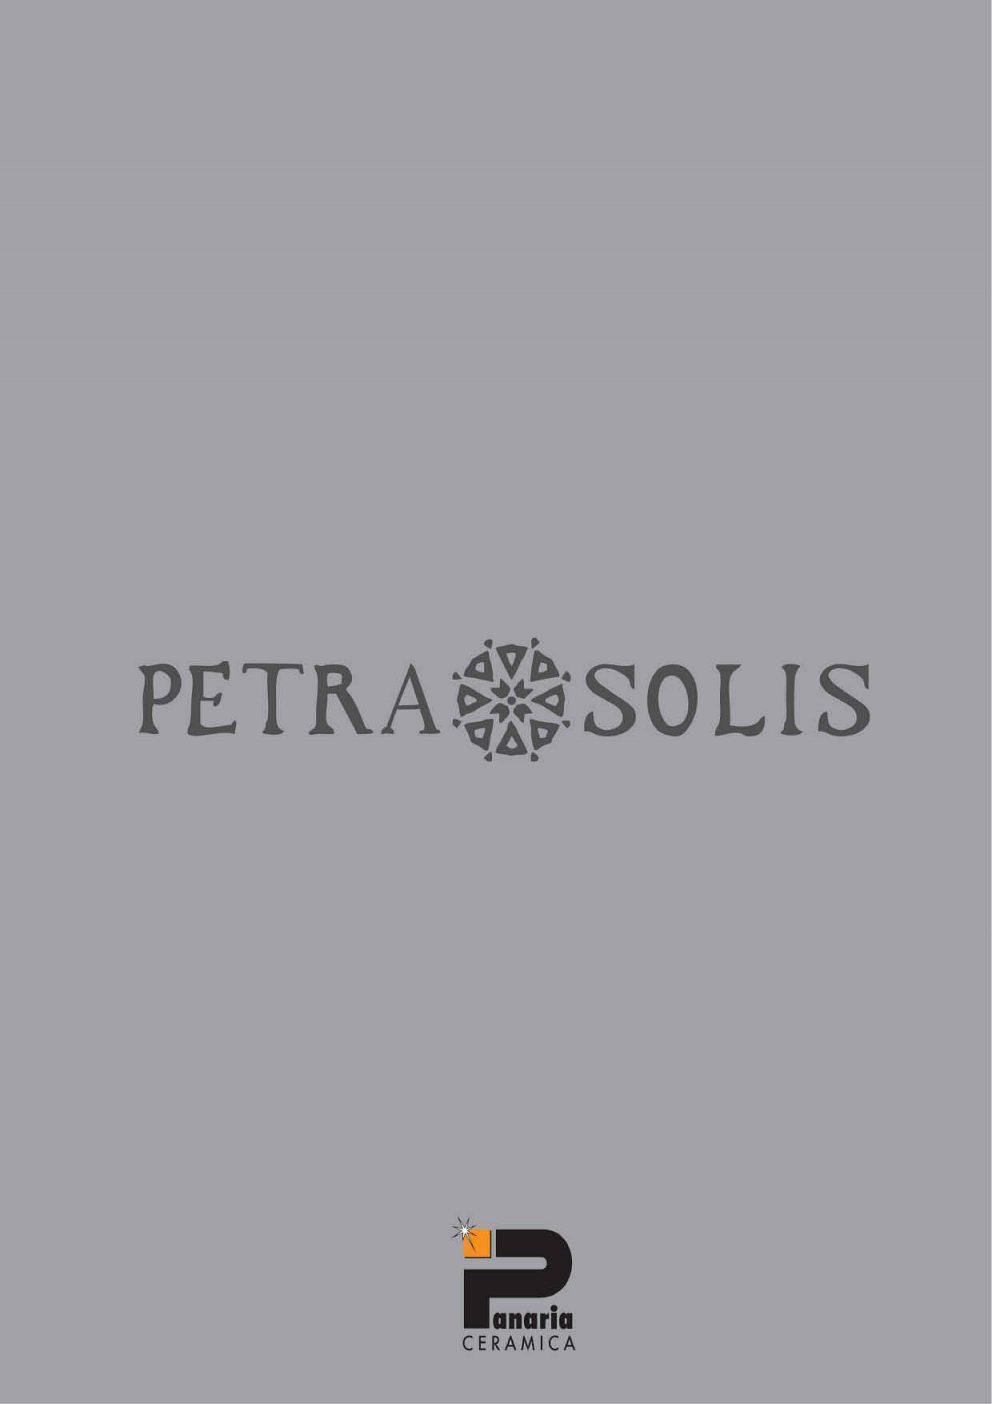 Panaria - Petra Solis